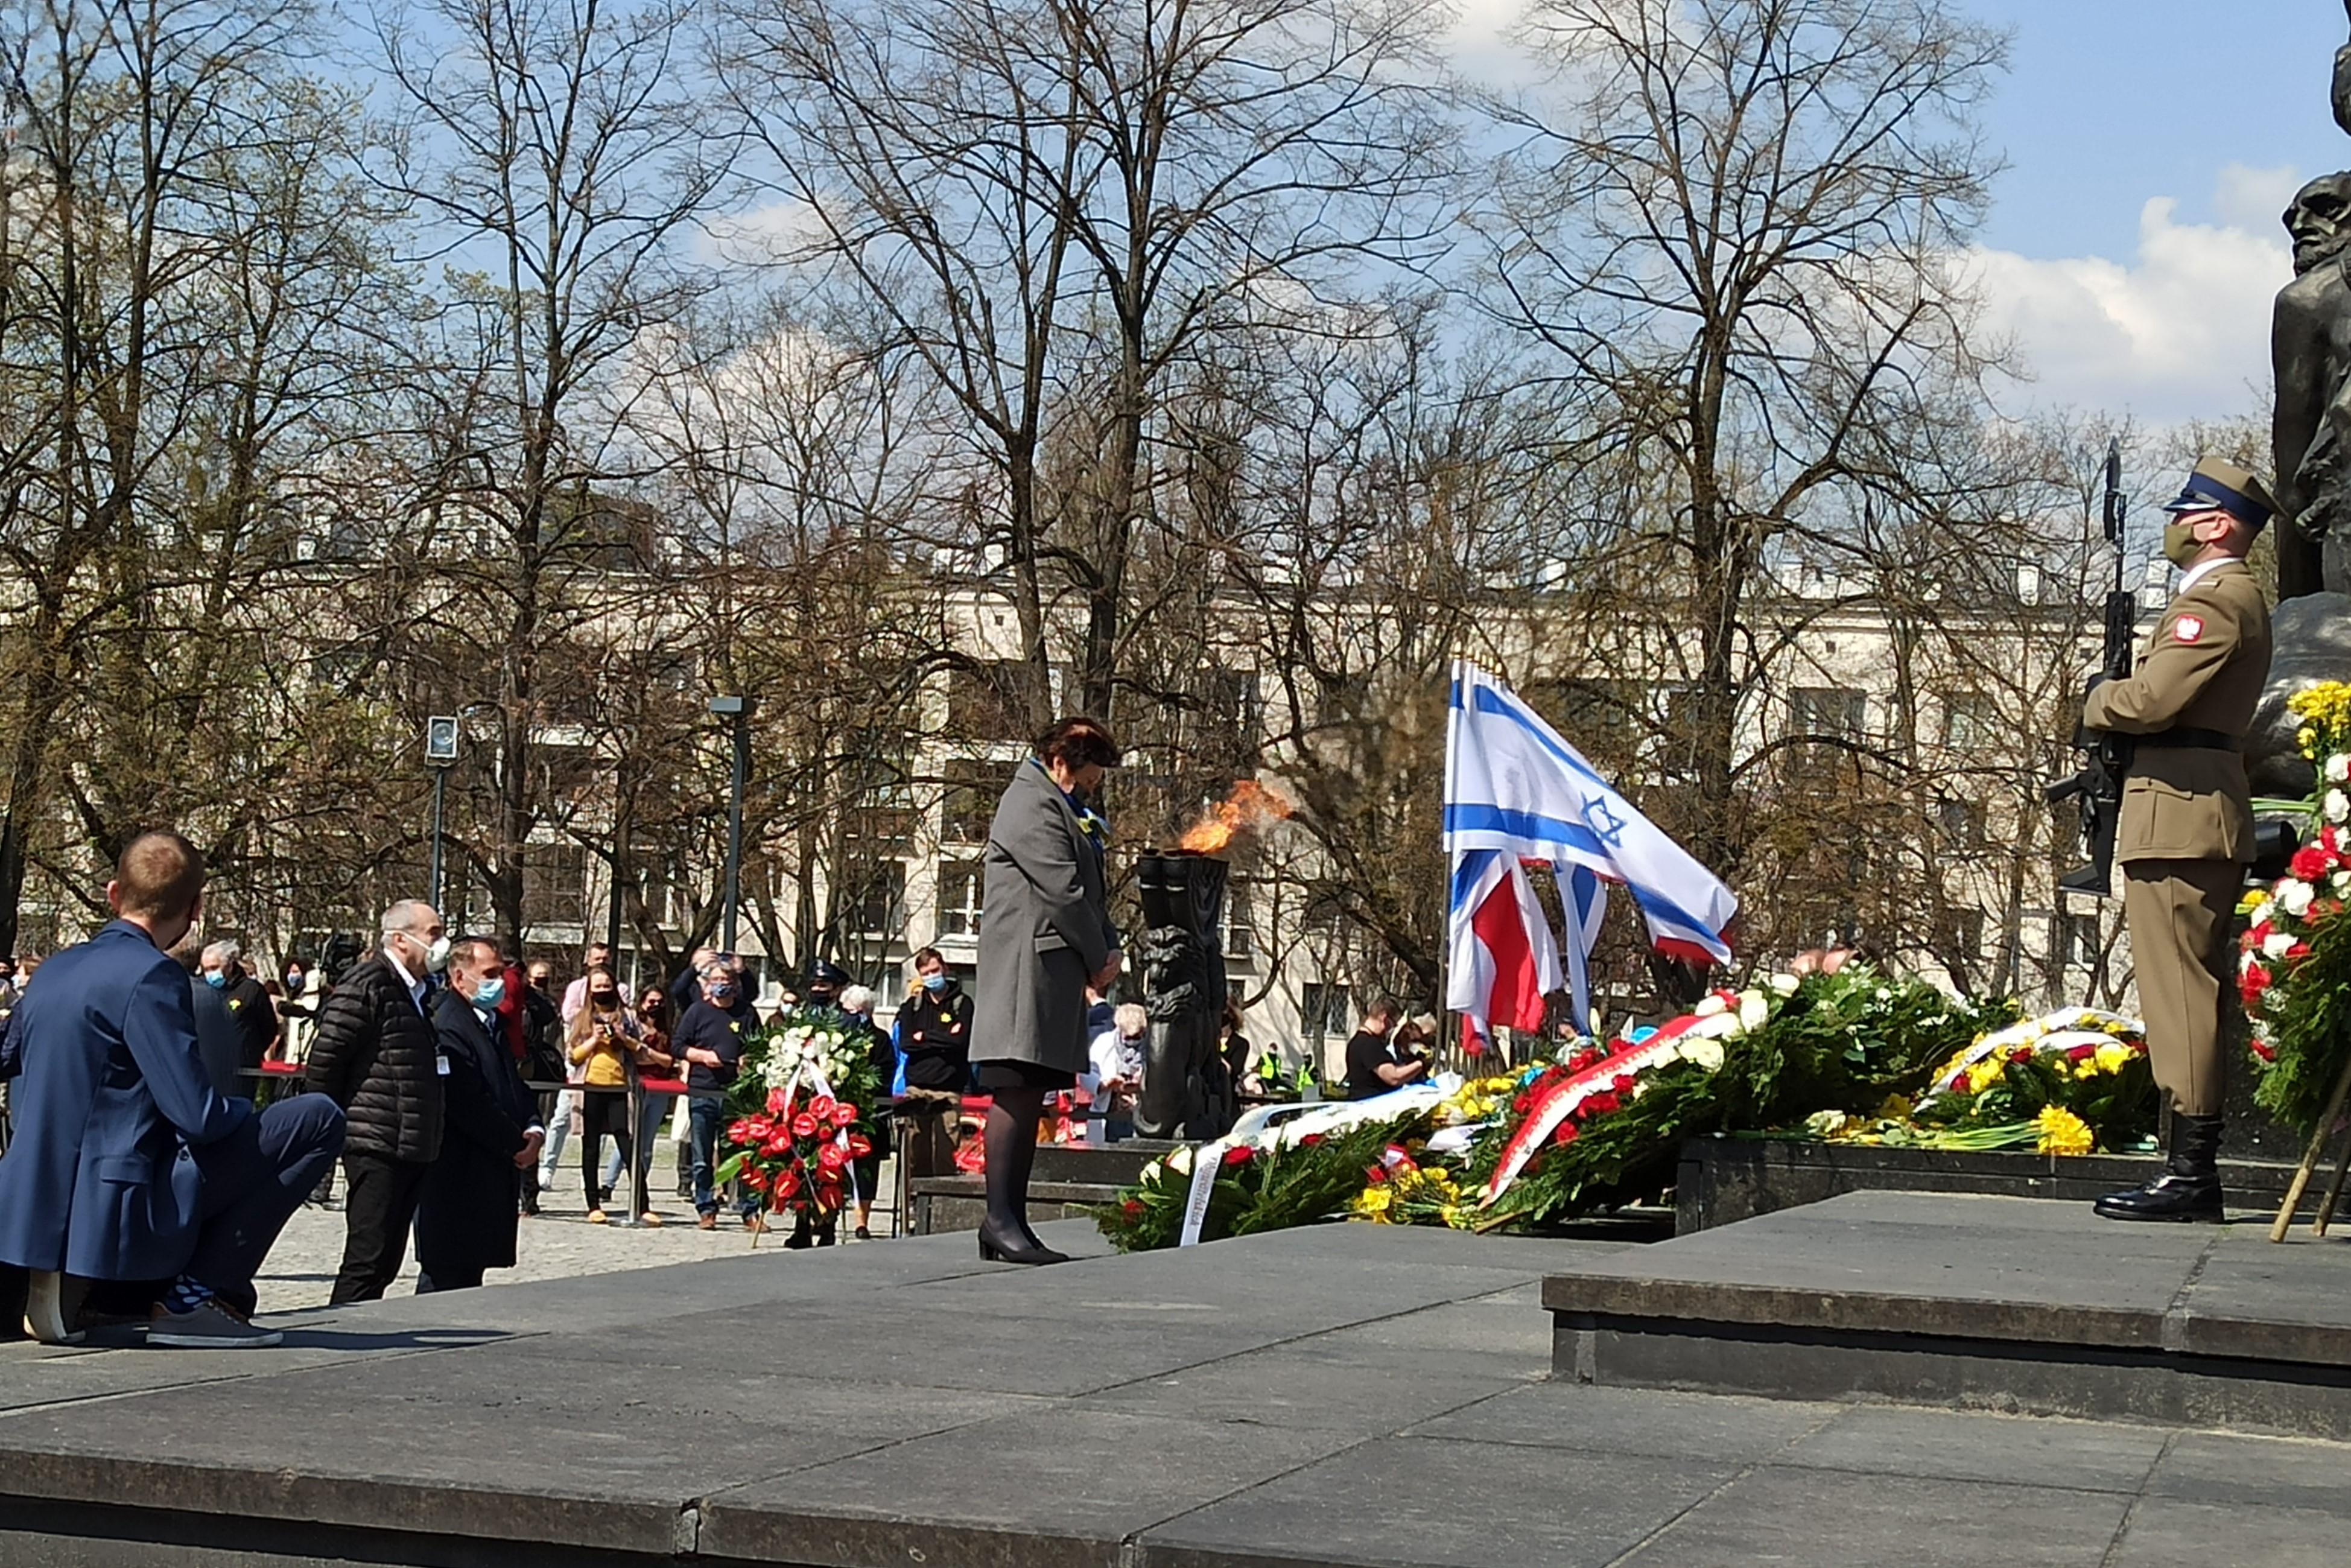 Zastępczyni RPO dr Hanna Machińska złożyła wieniec pod Pomnikiem Bohaterów Getta